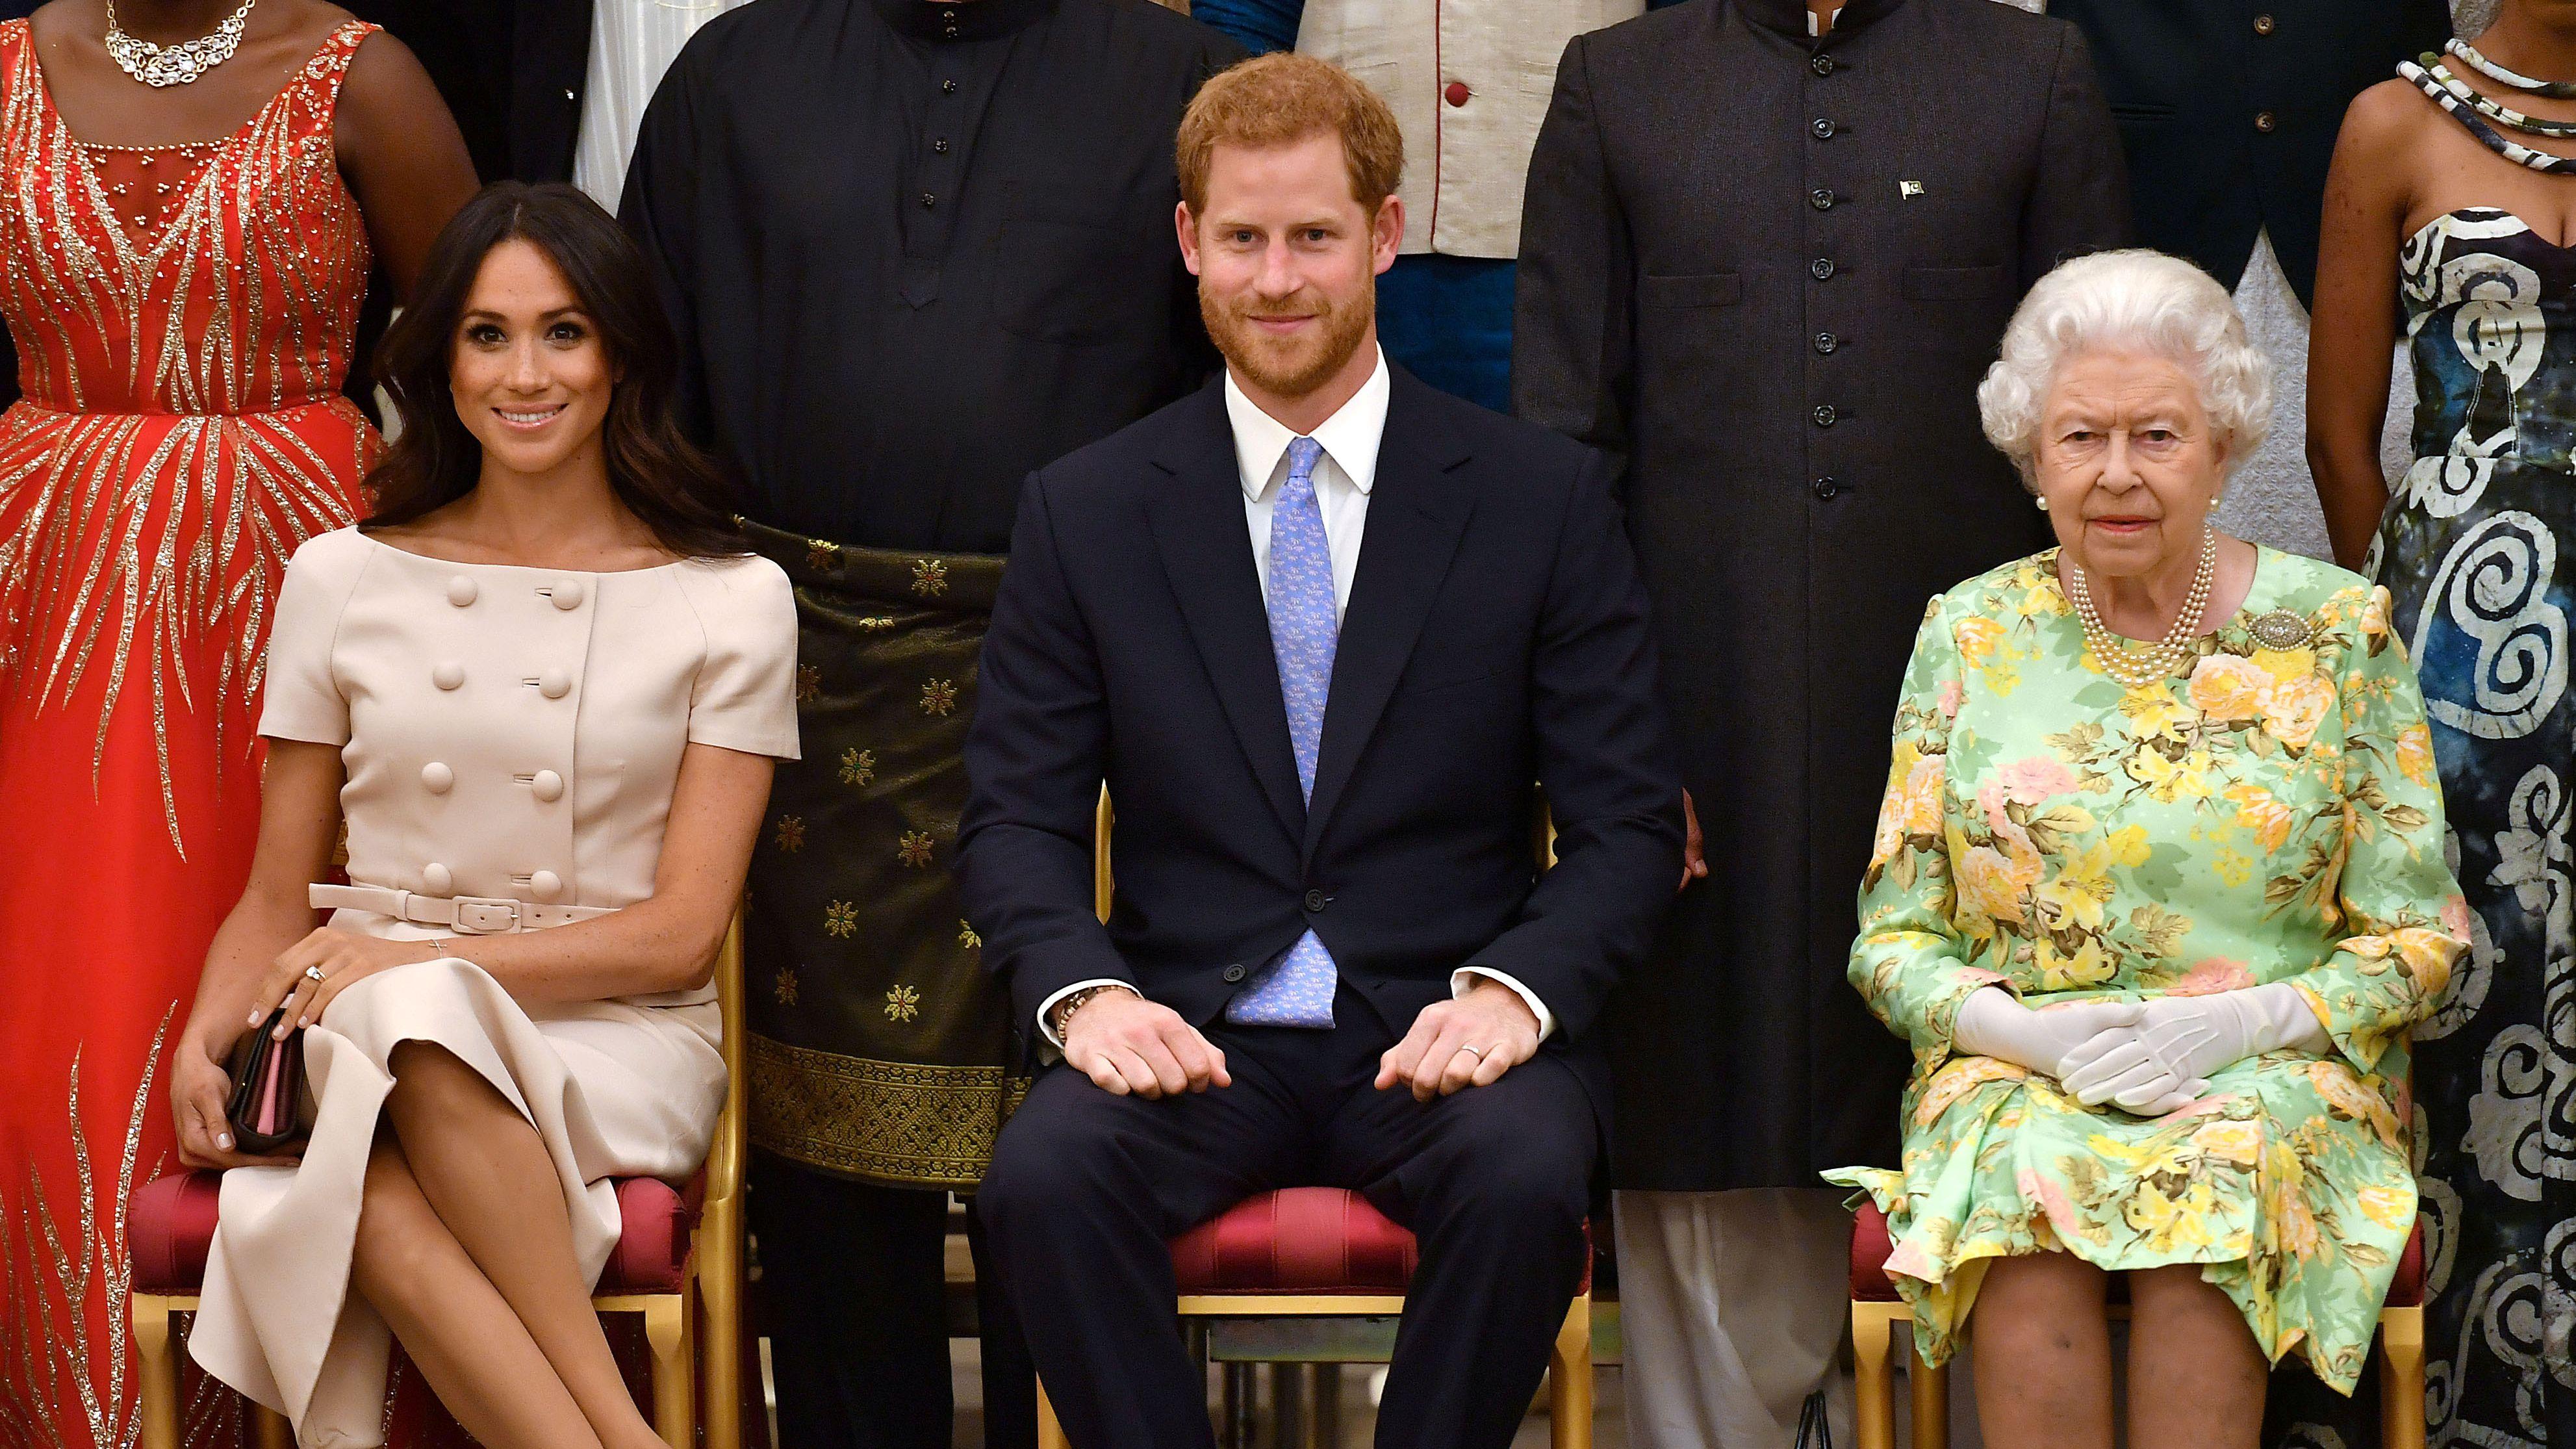 A principios de este año, la pareja conformada por el hijo menor del príncipe Carlos y la actriz anunciaron su decisión de abandonar sus funciones de primer rango como miembros de la familia real británica (Foto: John Stillwell/Pool via Reuters/File Photo)